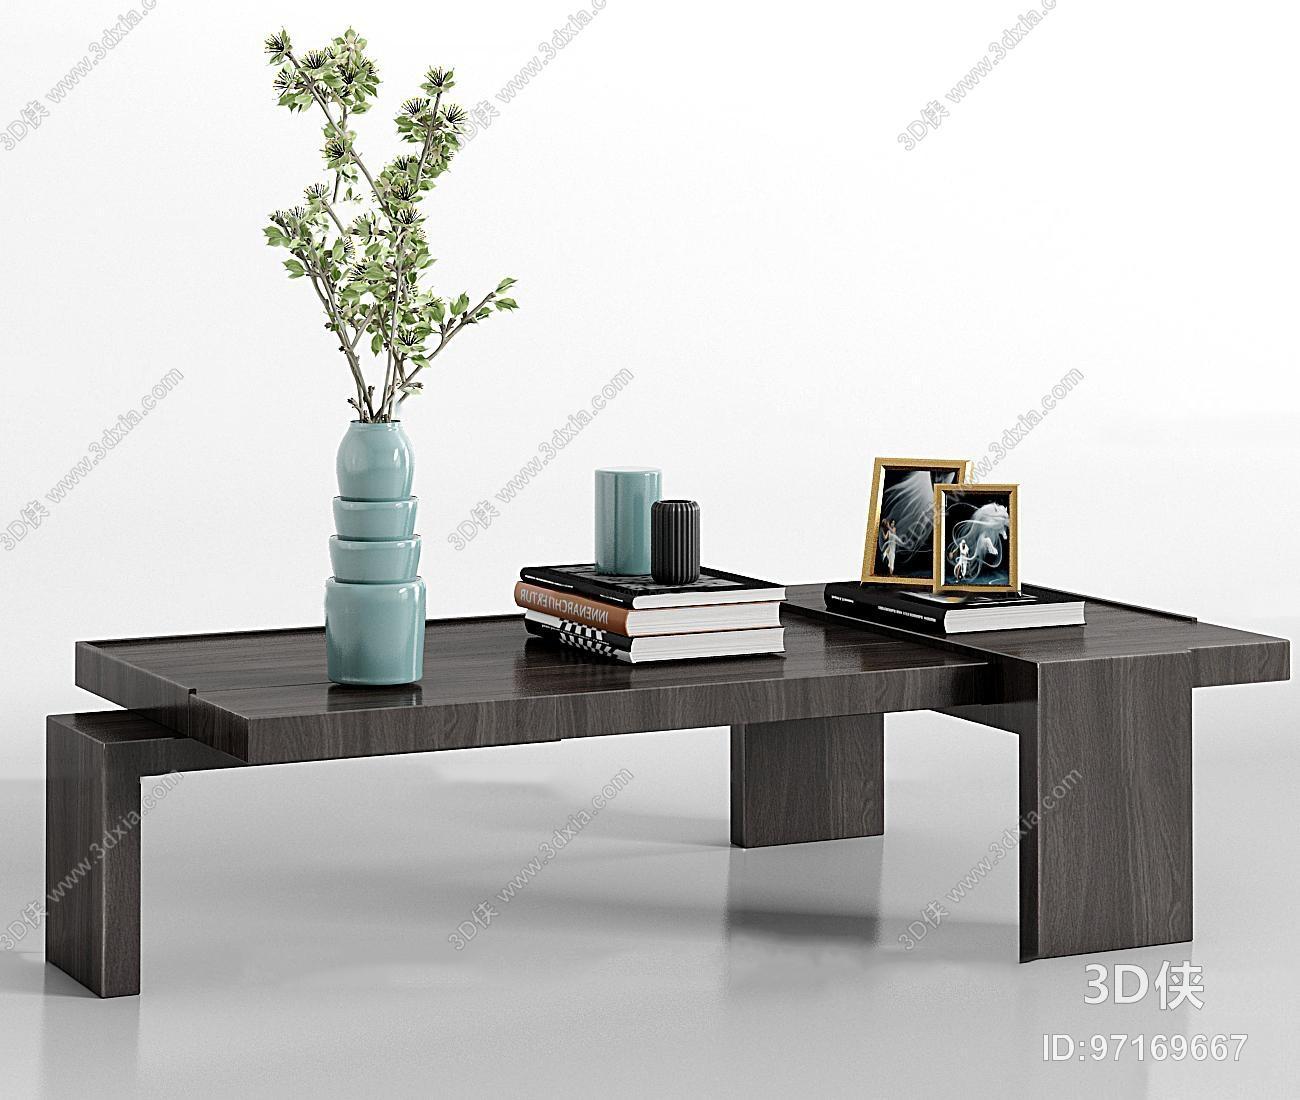 现代实木茶几饰品组合3d模型